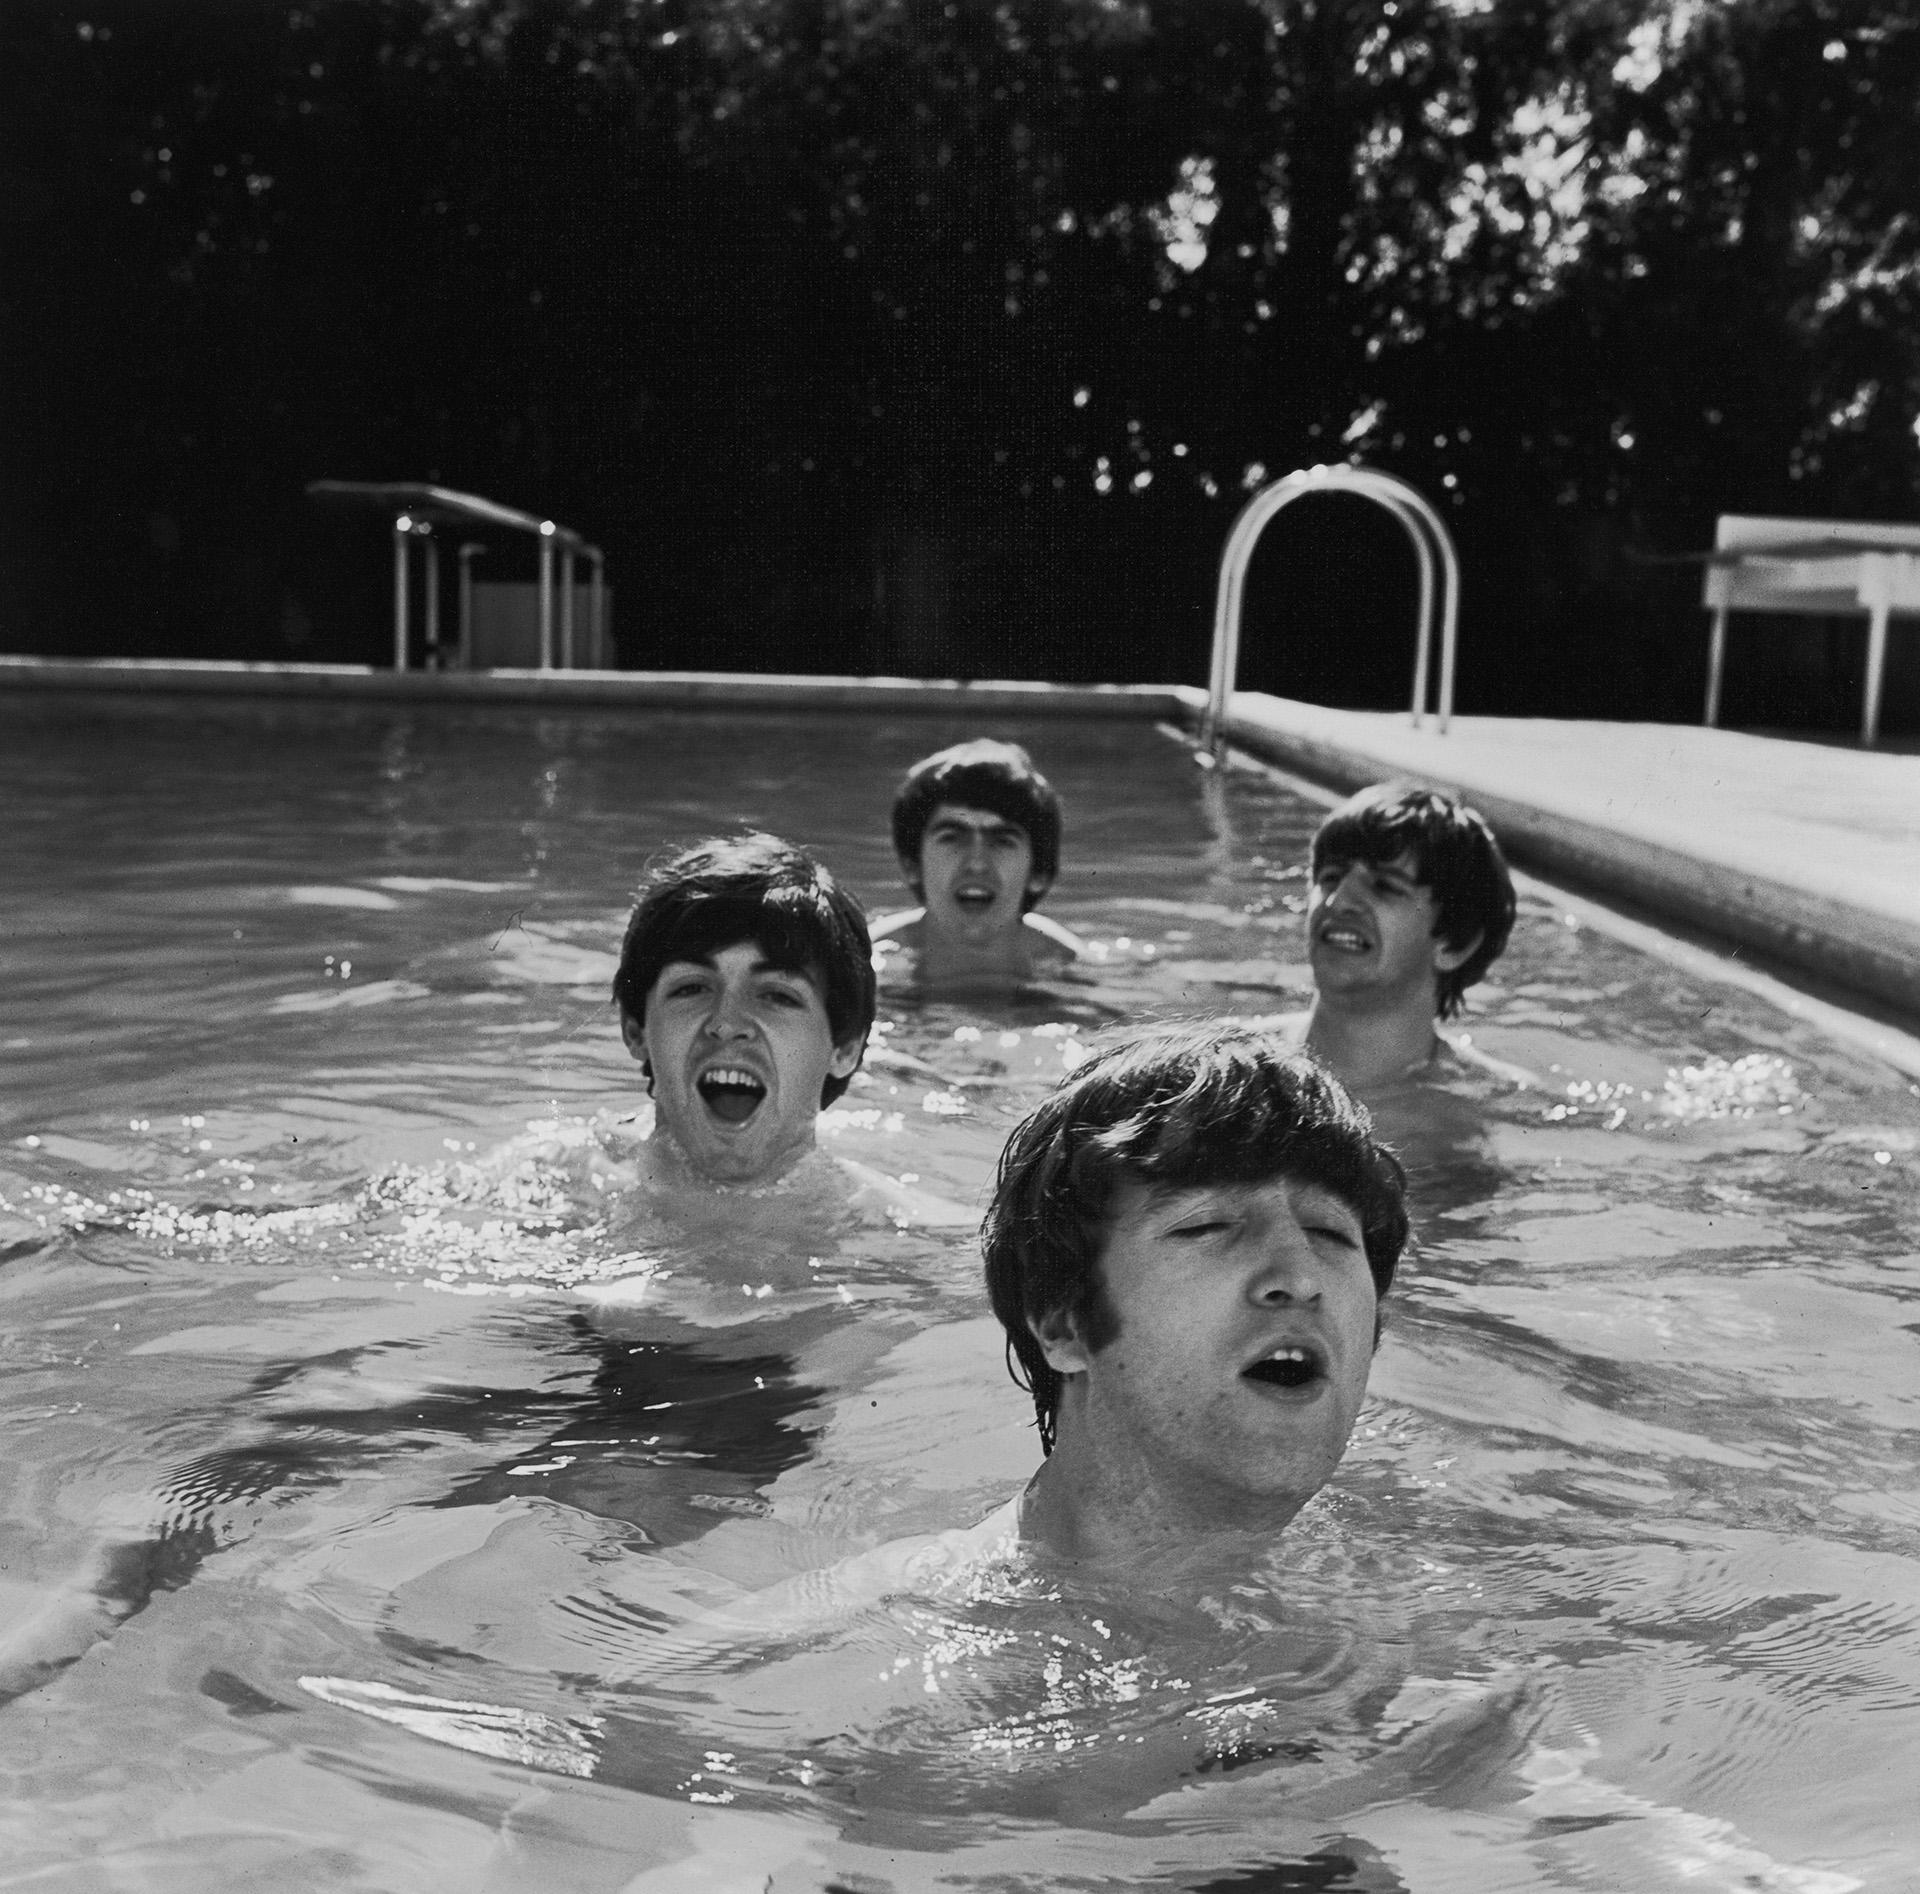 Paul McCartney, George Harrison, John Lennony Ringo vivieron la gloria y los problemas de pelear cada uno por su lugar en la banda (Photo by John Loengard/The LIFE Picture Collection/Getty Images)